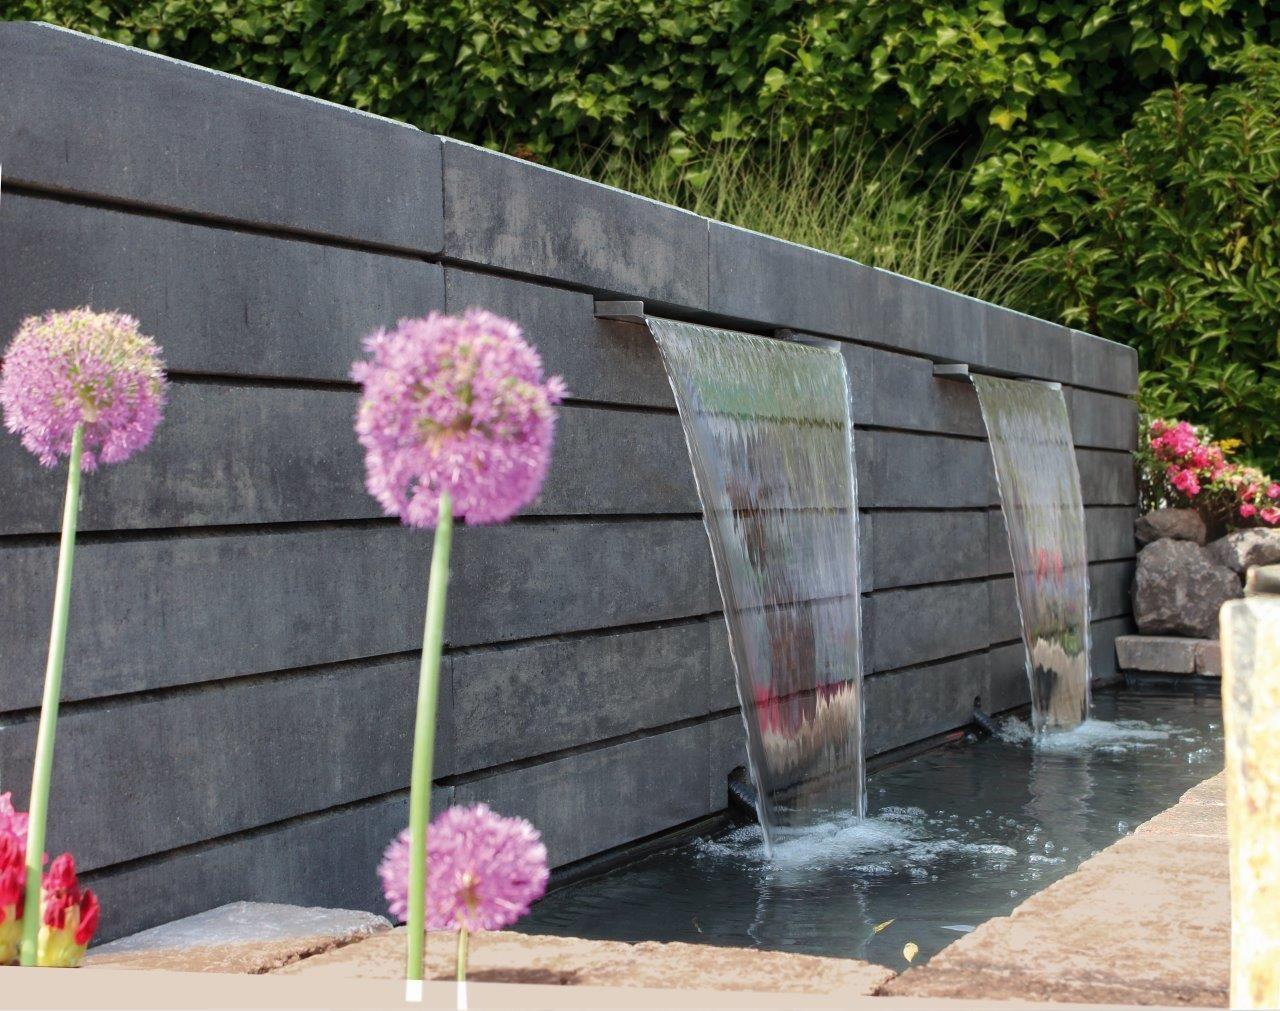 Lineo Mauerstein Wasserfall Diy Beton Garten Gartenbrunnen Wasserfall Garten Wasserbecken Garten Diy Gartenprojekte